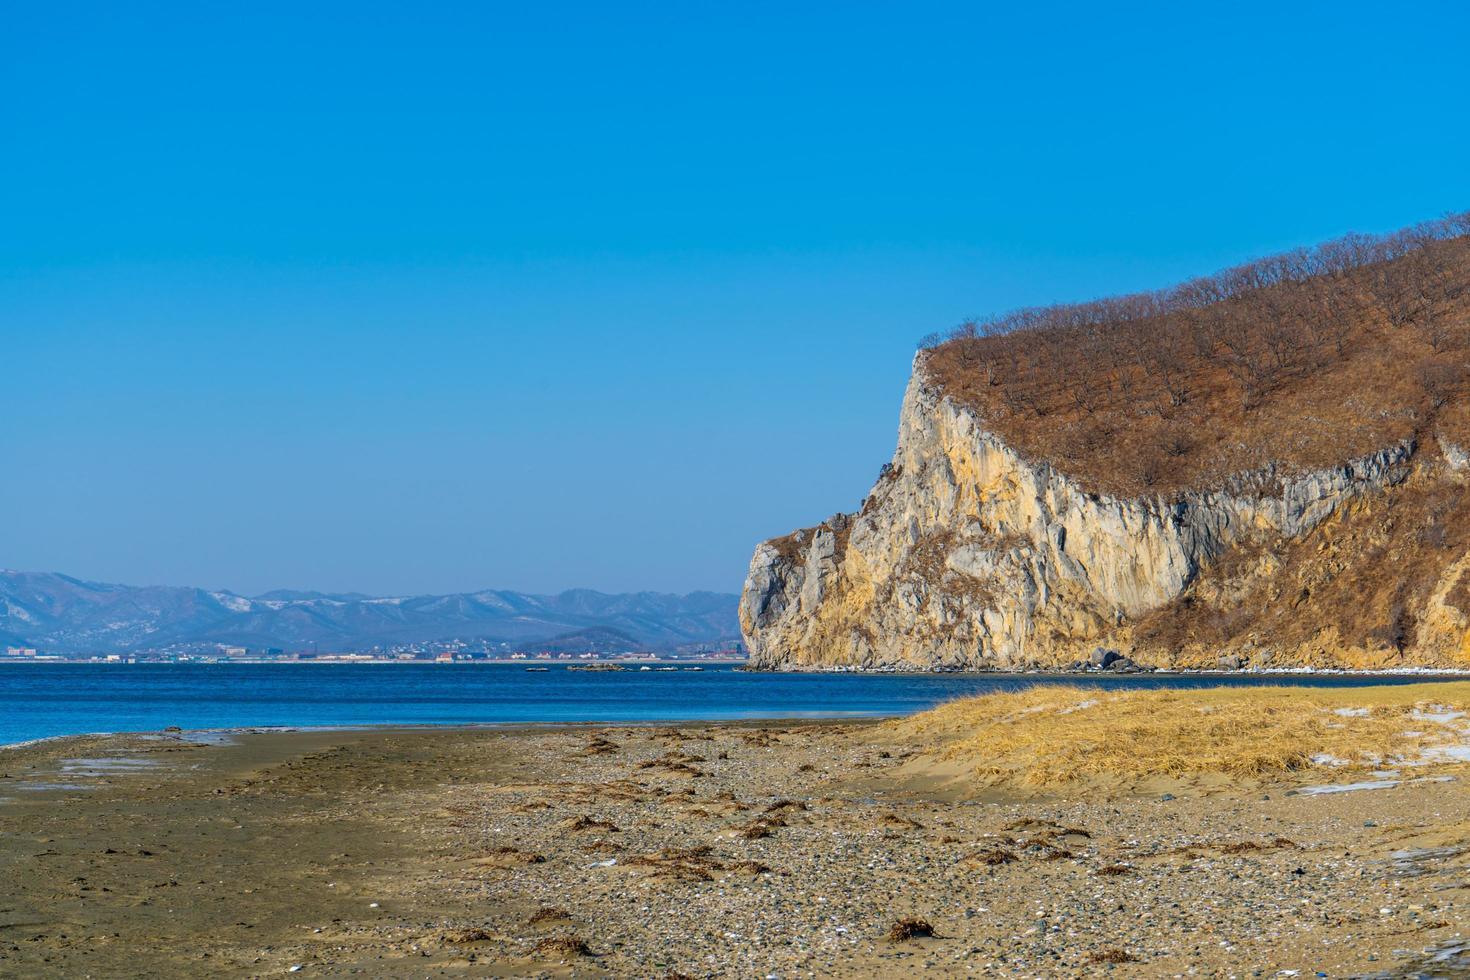 vista sul mare con vista sulle rocce e sulla costa foto